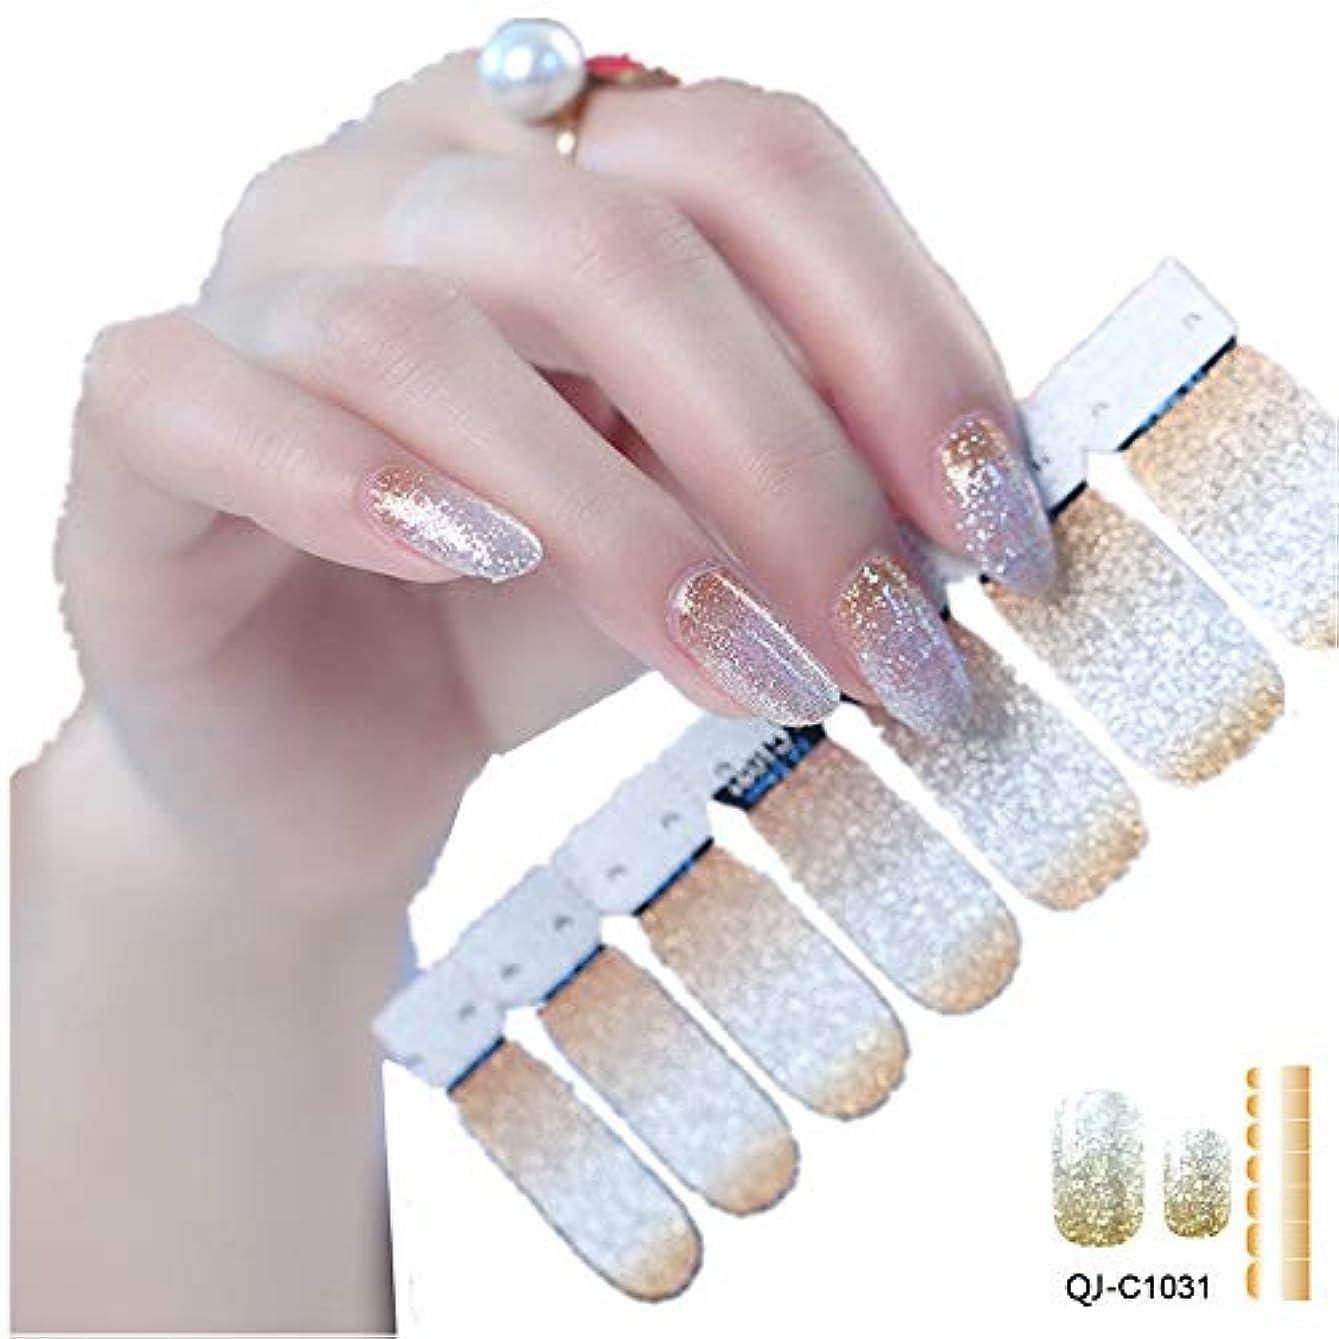 人気作成者サリー1枚×14シール ネイルシール ネイルステッカー セット 貼るだけマニキュア 爪やすり1本付き (1031)